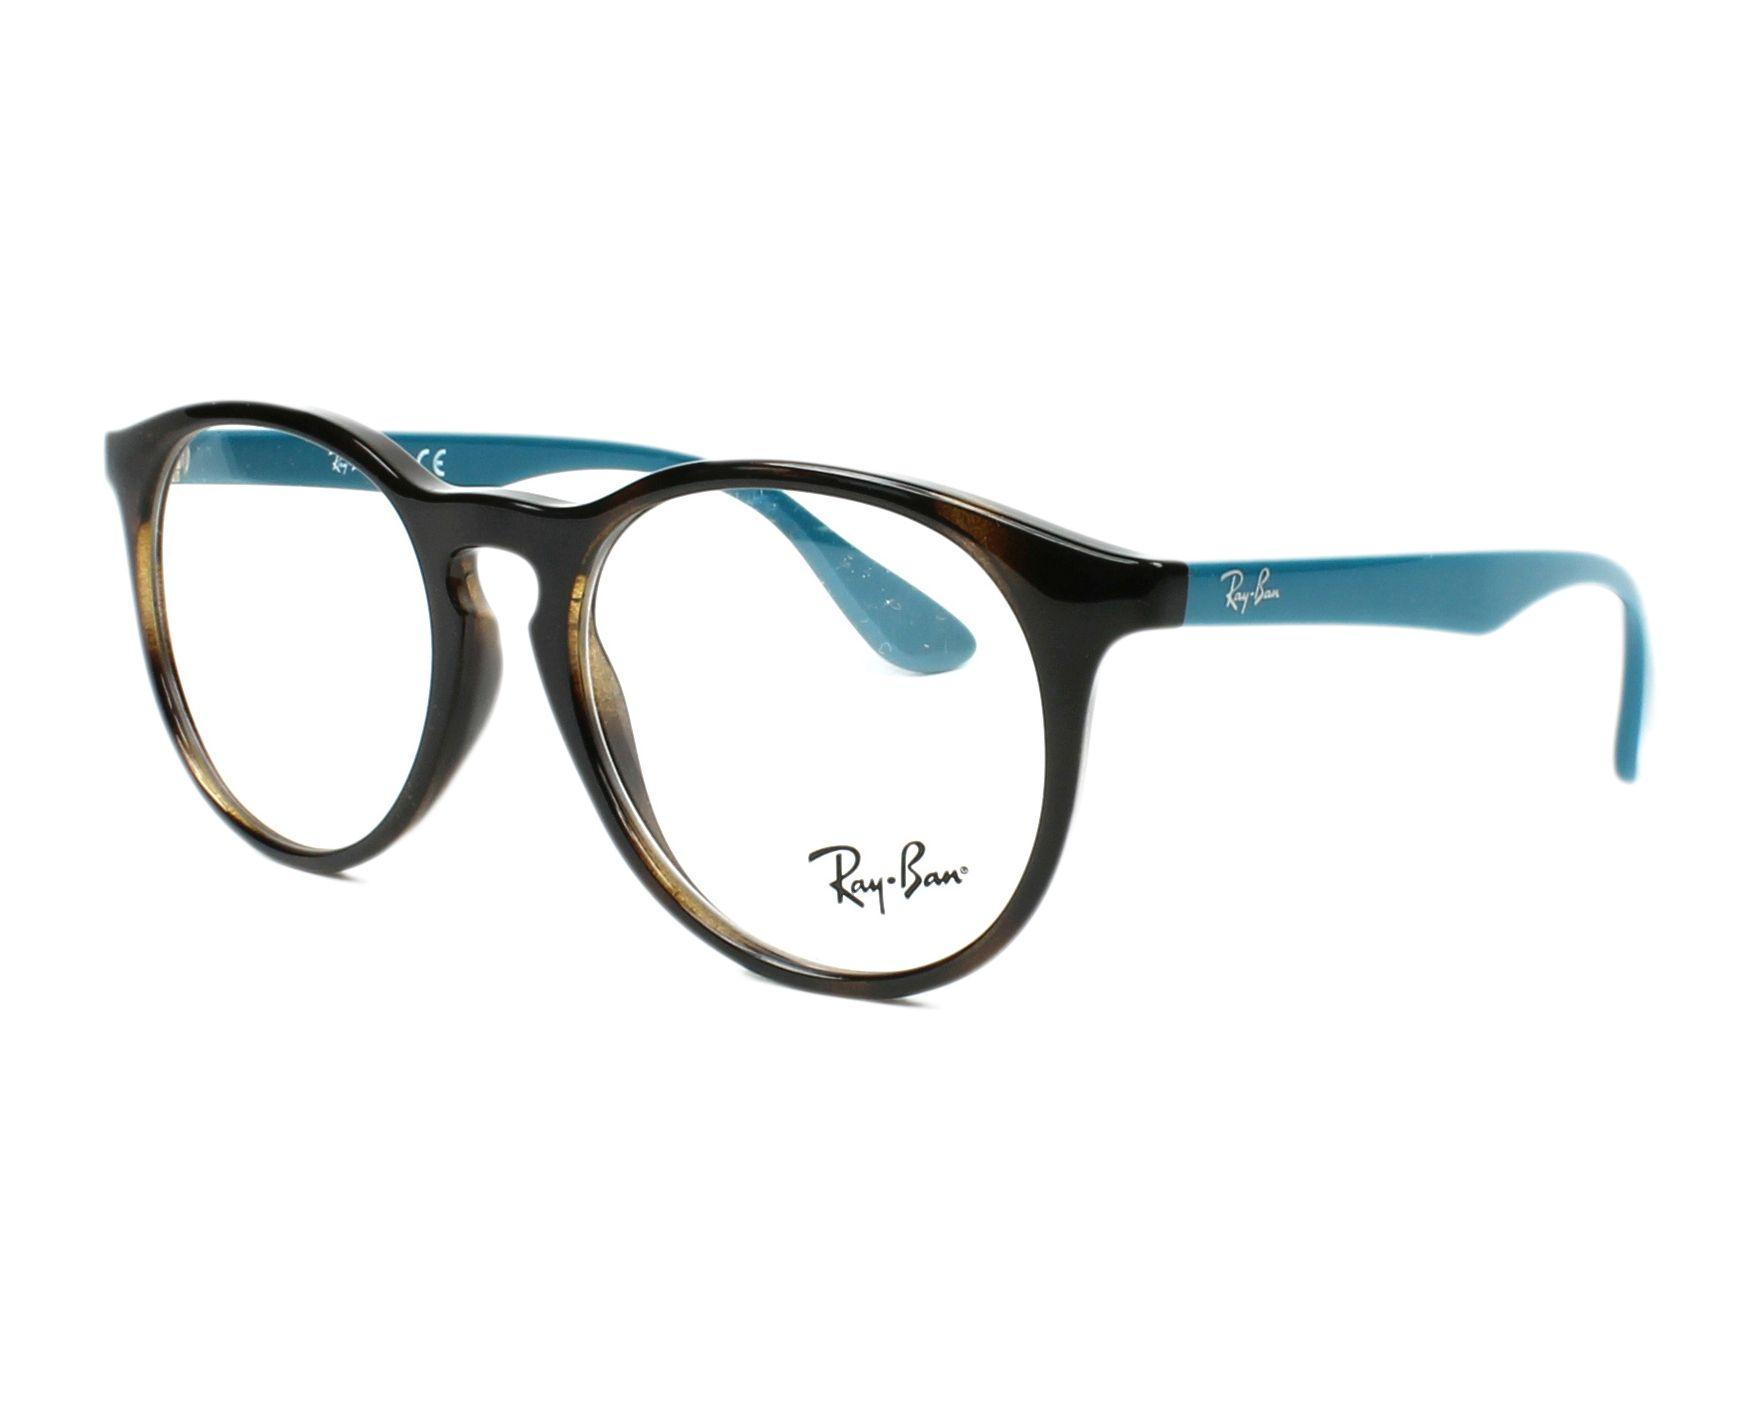 ray ban brille schwarz türkis